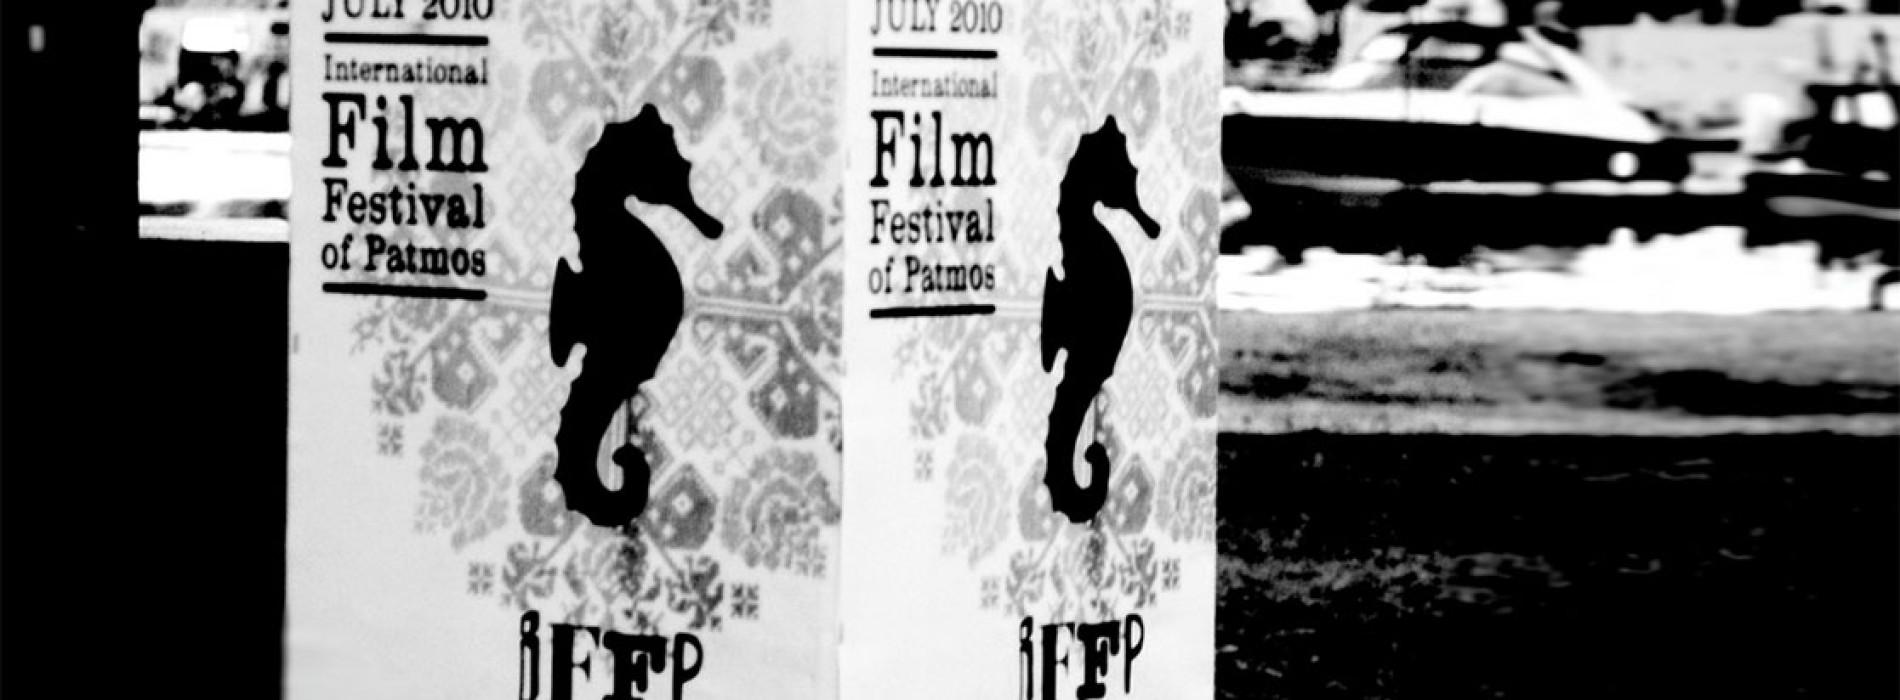 Διεθνές Φεστιβάλ Κινηματογράφου Πάτμου